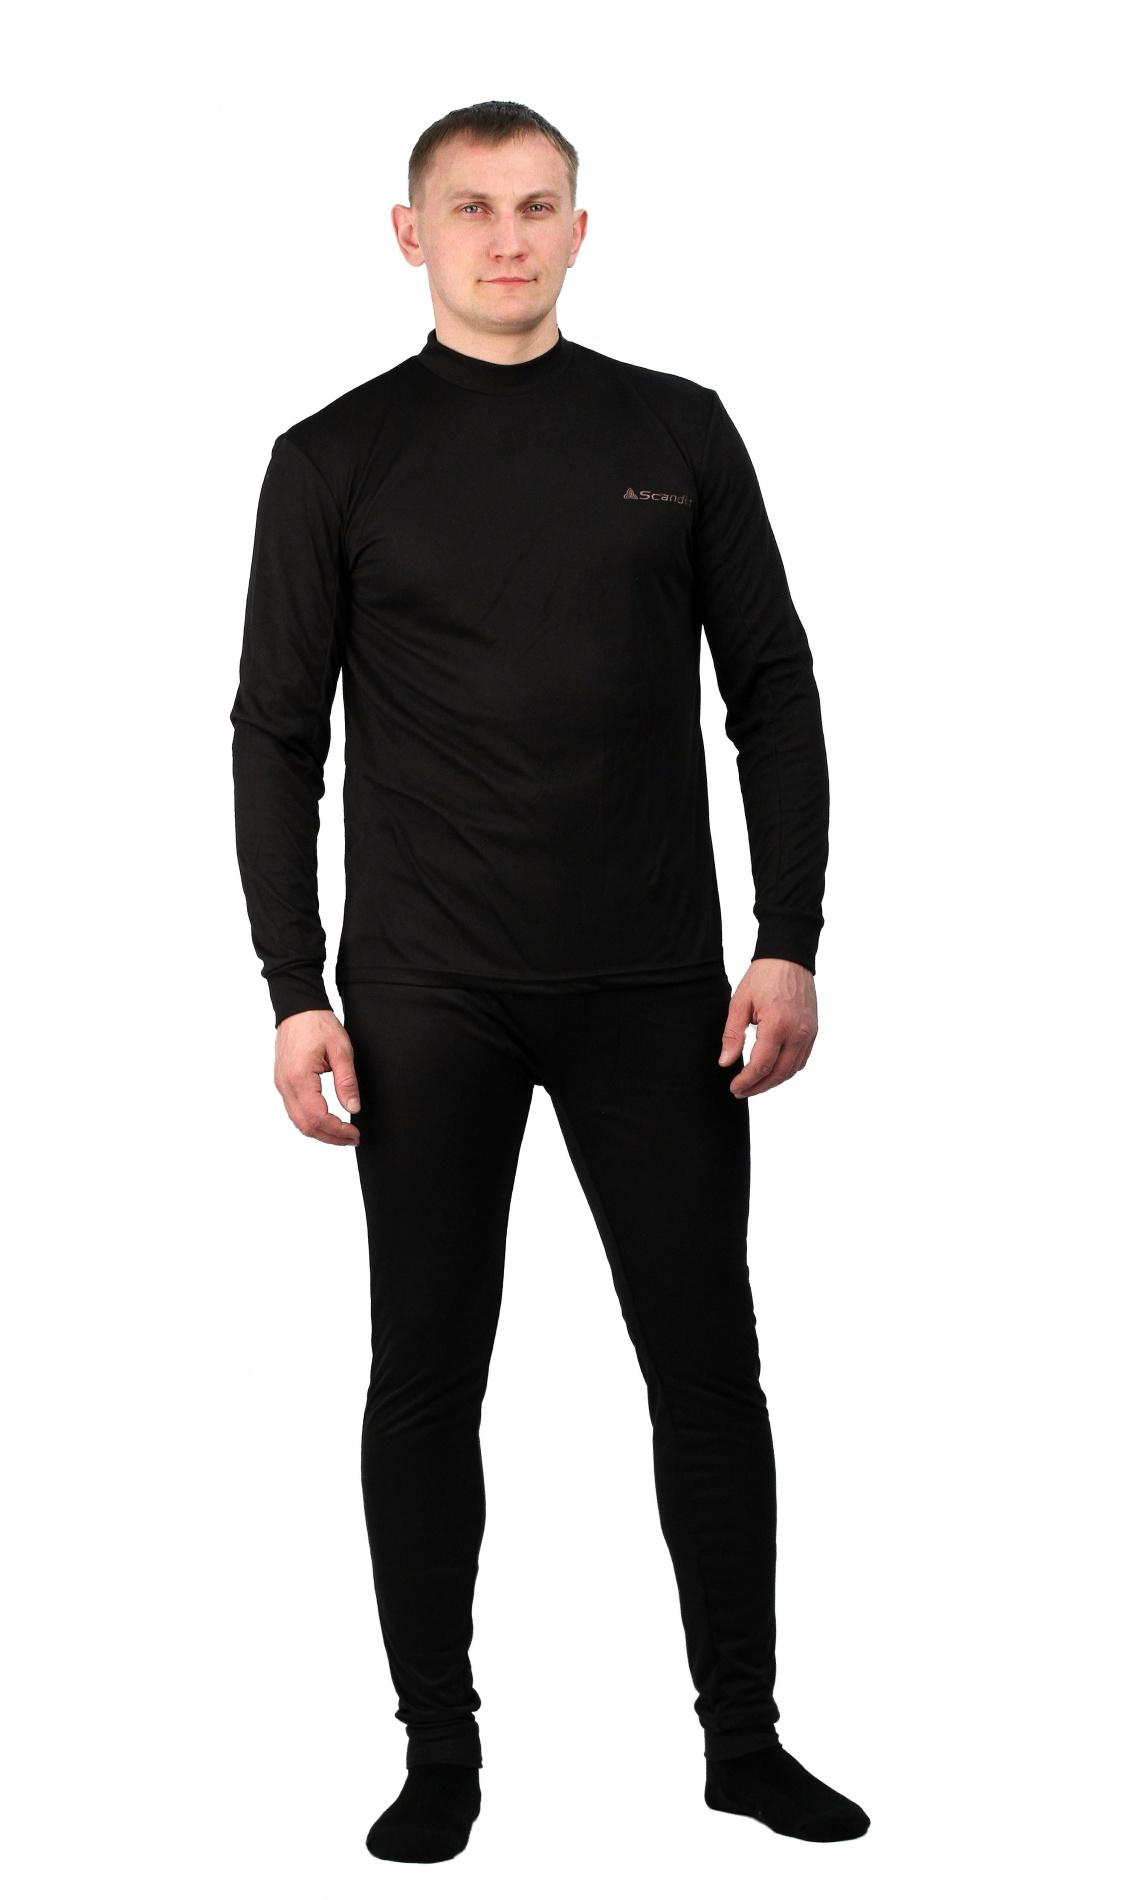 Термобельё Scandin Dry RangeКомплекты термобелья<br>Эластичный материал термобелья хорошо <br>прилегает к телу, не ограничивает свободу <br>движений и быстро выводит излишнюю влагу <br>тела на внешний слой материала. Термобелье <br>используется как первый слой одежды, оно <br>одевается на голое тело или на тонкое термобелье. <br>Куртка: Высокий воротник. Передняя застежка-молния. <br>Облегающий крой. Штаны: Эластичный пояс. <br>Облегающий крой. Материал: NORfleece Stretch (90% <br>полиэстер, 10% спандекс) эластичная ткань, <br>растягиваемая в 4-х направлениях. износоустойчивая <br>поверхность. хорошая «дышащая» способность. <br>быстро сохнет. Предназначено для средней <br>активности в очень холодную погоду. Вес: <br>960 грамм.<br><br>Пол: унисекс<br>Сезон: зима<br>Цвет: черный<br>Материал: флис